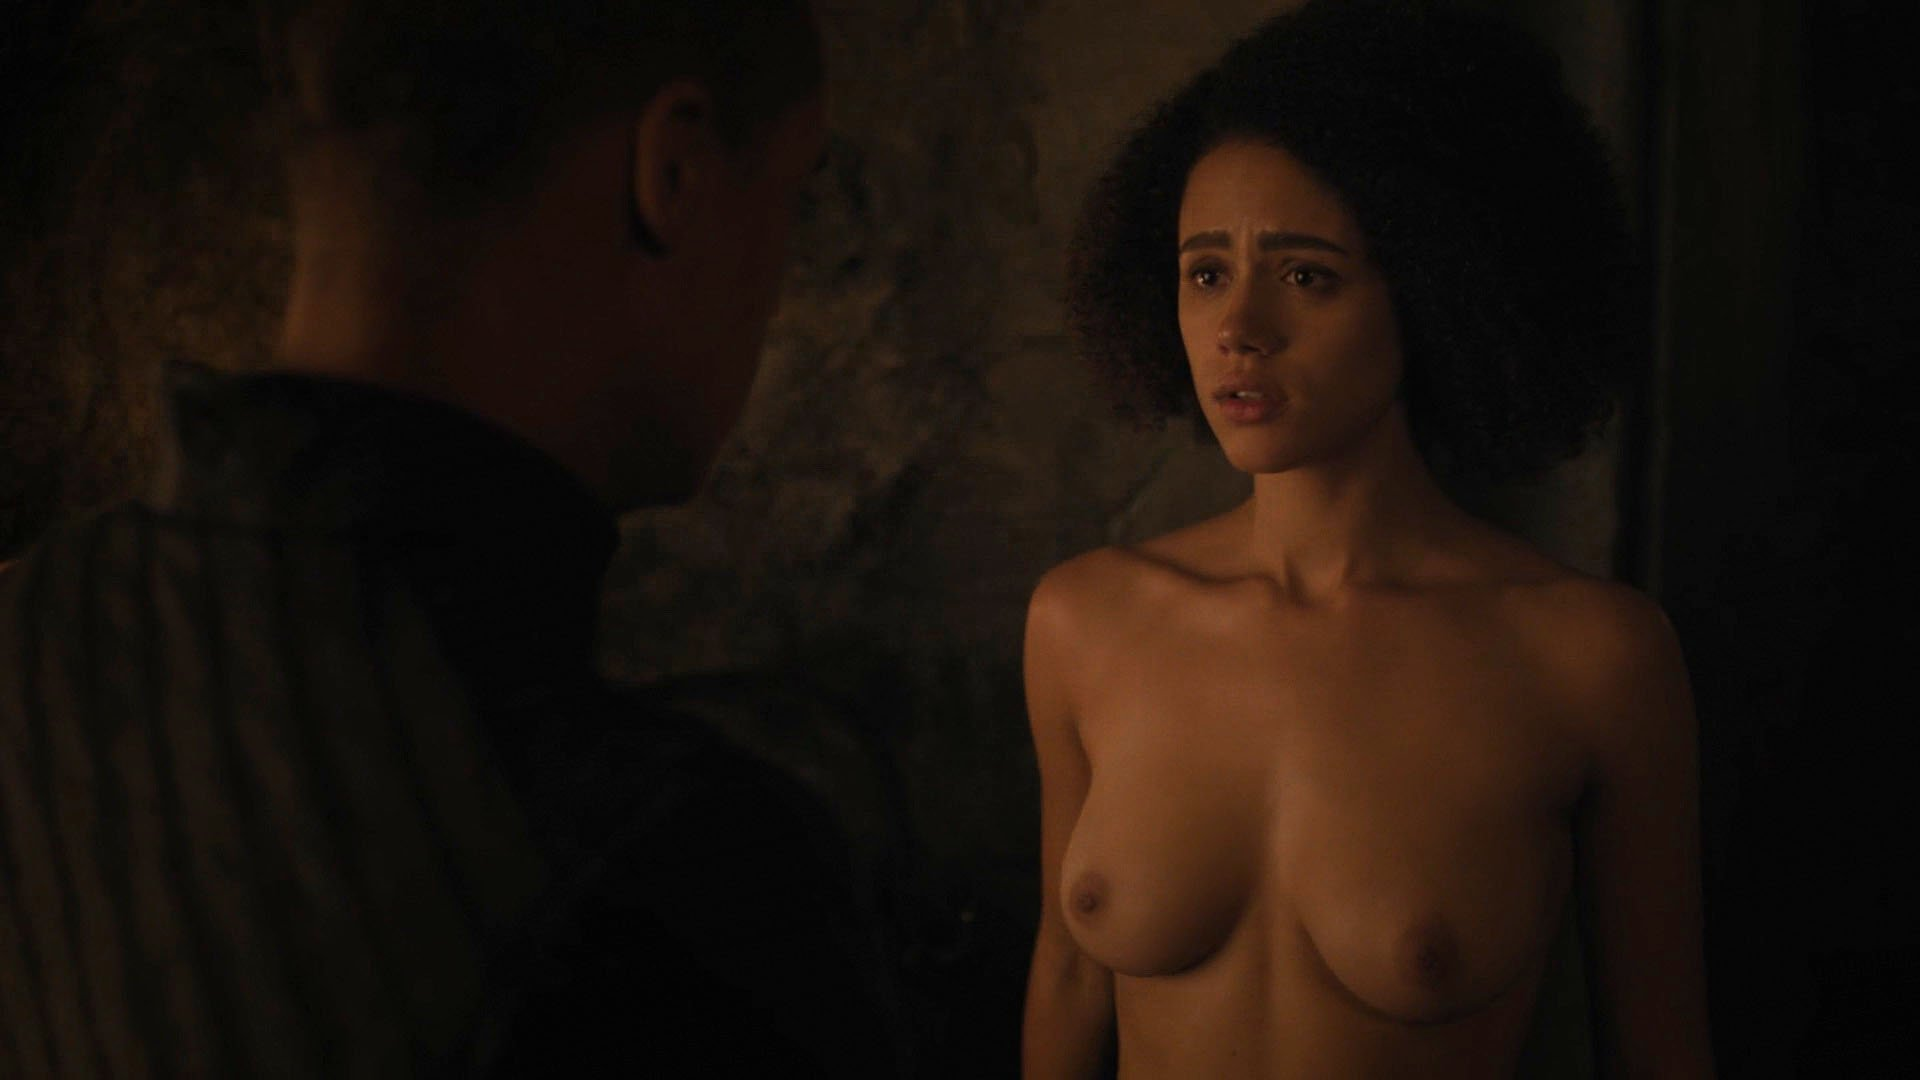 Thrones nude nathalie emmanuel of game